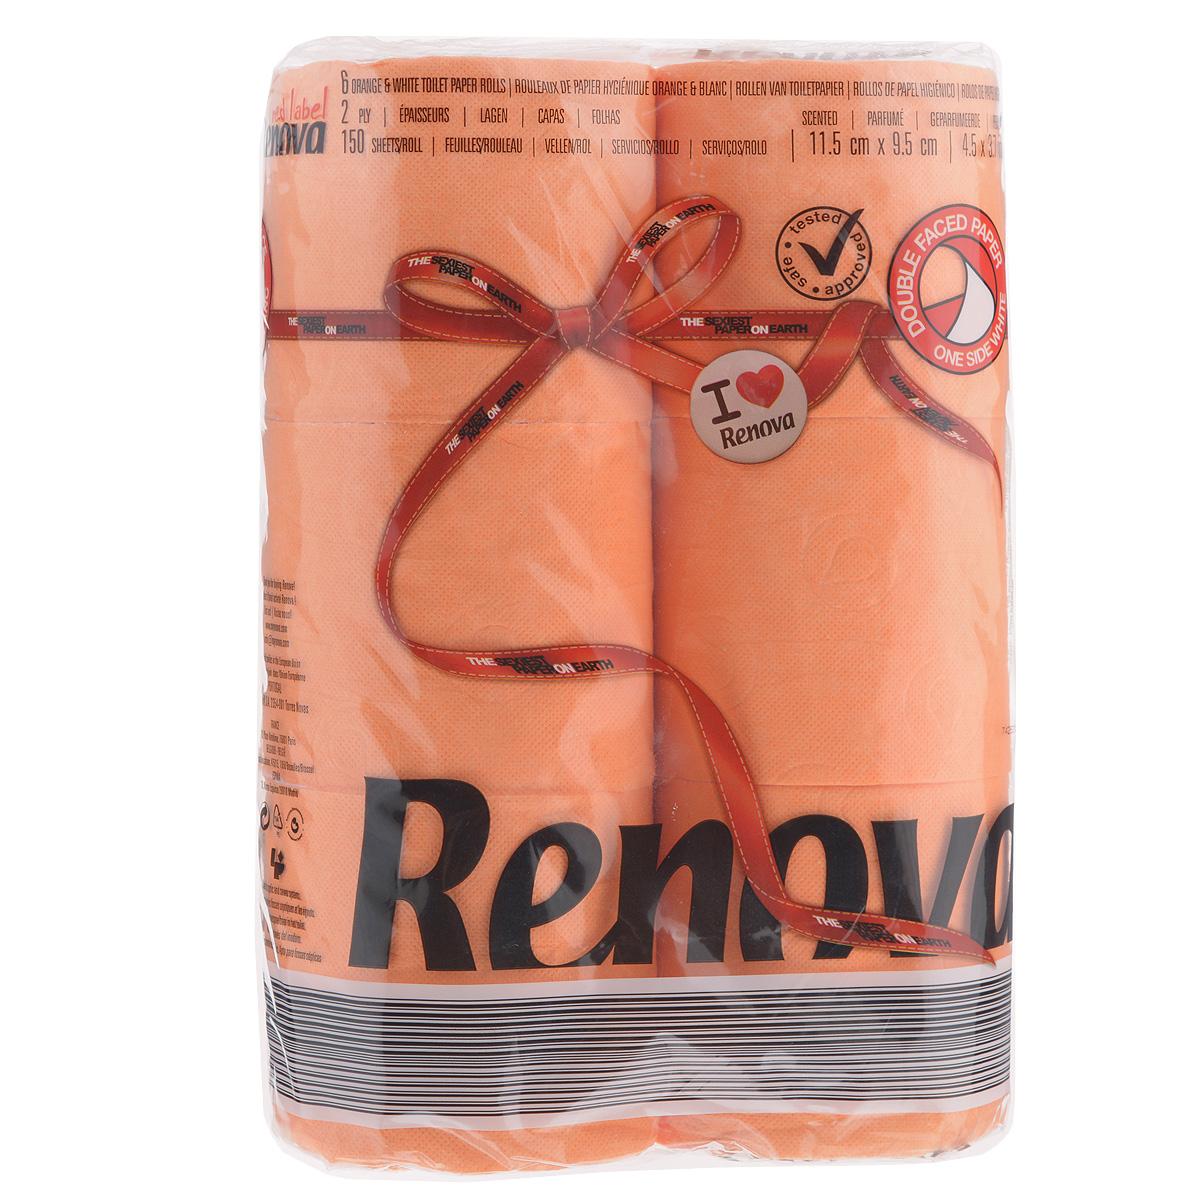 Туалетная бумага Renova, двухслойная, ароматизированная, цвет: оранжевый, 6 рулонов67742Туалетная бумага Renova изготовлена по новейшей технологии из 100% ароматизированной целлюлозы, благодаря чему она имеет тонкий аромат, очень мягкая, нежная, но в тоже время прочная. Эксклюзивная двухсторонняя туалетная бумага Renova  экстрамодного цвета, придаст вашему туалету оригинальность.Состав: 100% ароматизированная целлюлоза. Количество листов: 150 шт.Количество слоев: 2.Размер листа: 11,5 см х 9,5 см.Количество рулонов: 6 шт.Португальская компания Renova является ведущим разработчиком новейших технологий производства, нового стиля и направления на рынке гигиенической продукции. Современный дизайн и высочайшее качество, дерматологический контроль - это то, что выделяет компанию Renova среди других производителей бумажной санитарно-гигиенической продукции.